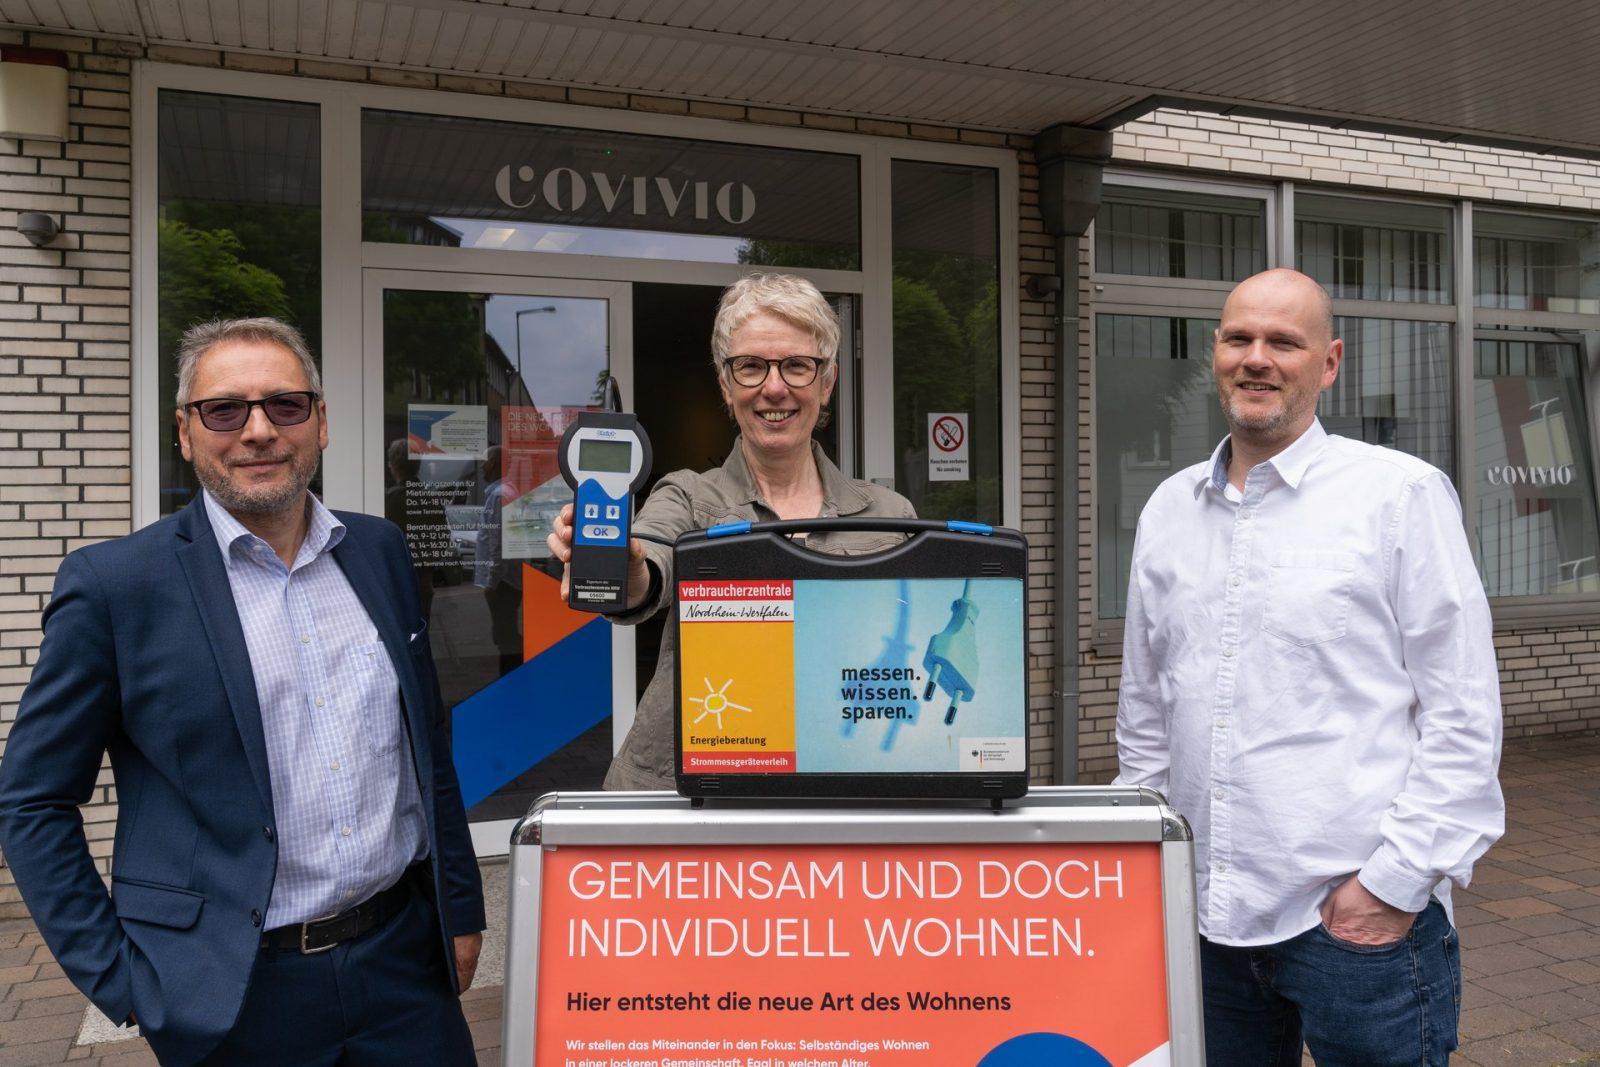 Covivio und Verbraucherzentrale NRW in Oberhausen: Strom sparen leicht gemacht